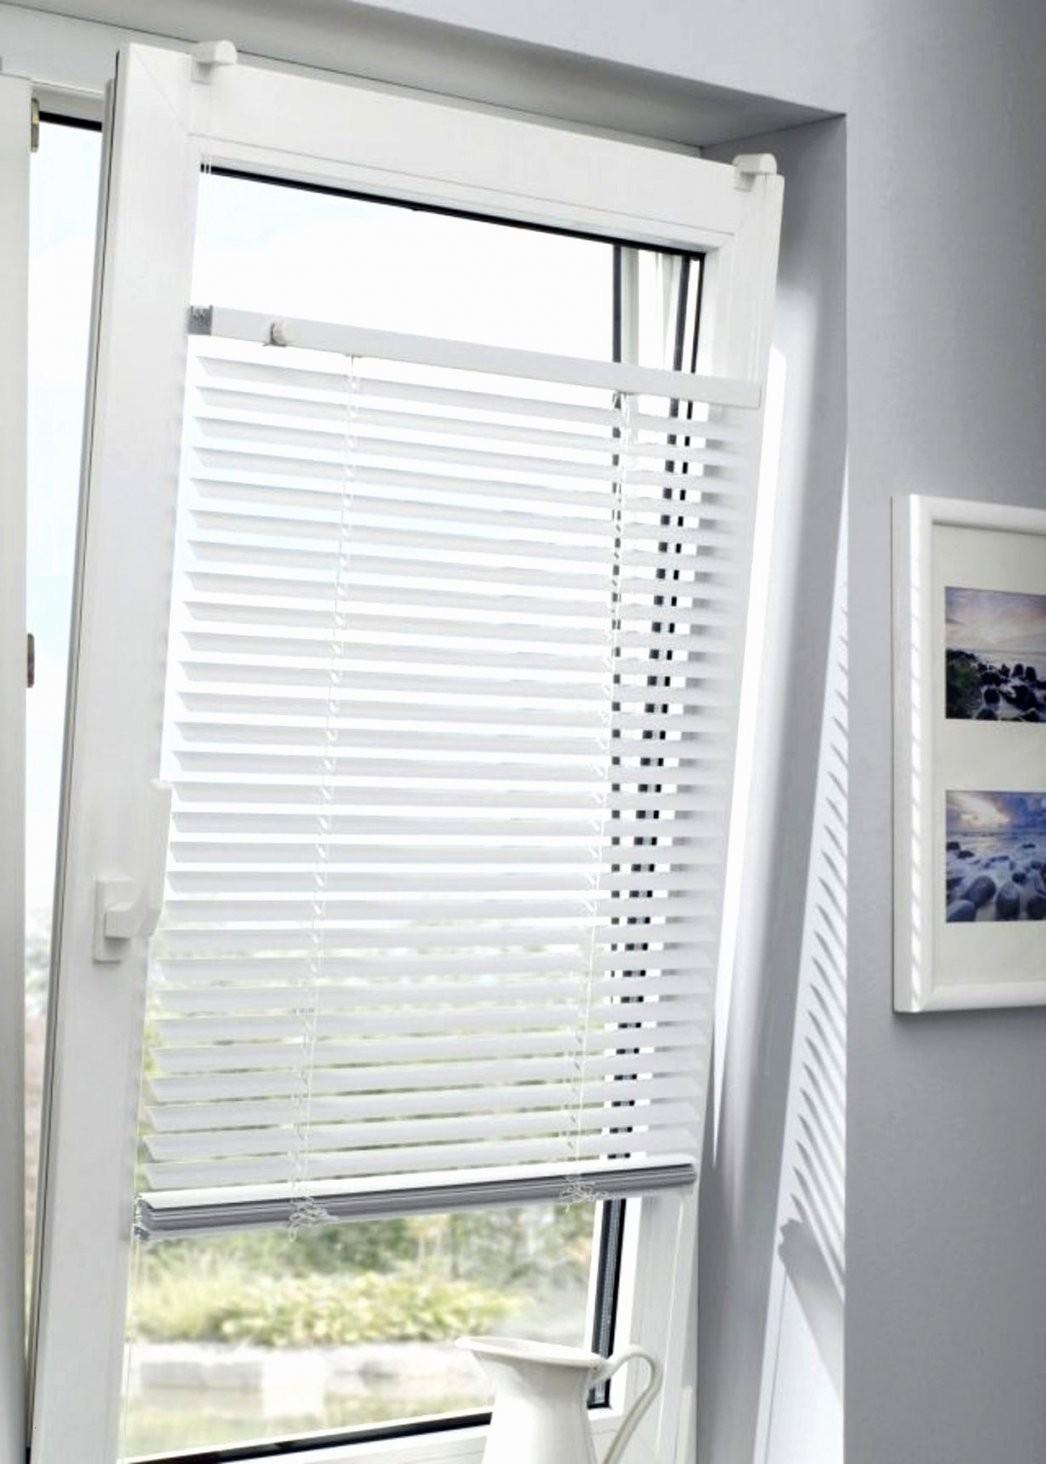 Einzigartig Verdunkelungsrollo Dachfenster Ohne Bohren von Fenster Rollos Innen Verdunkeln Bild